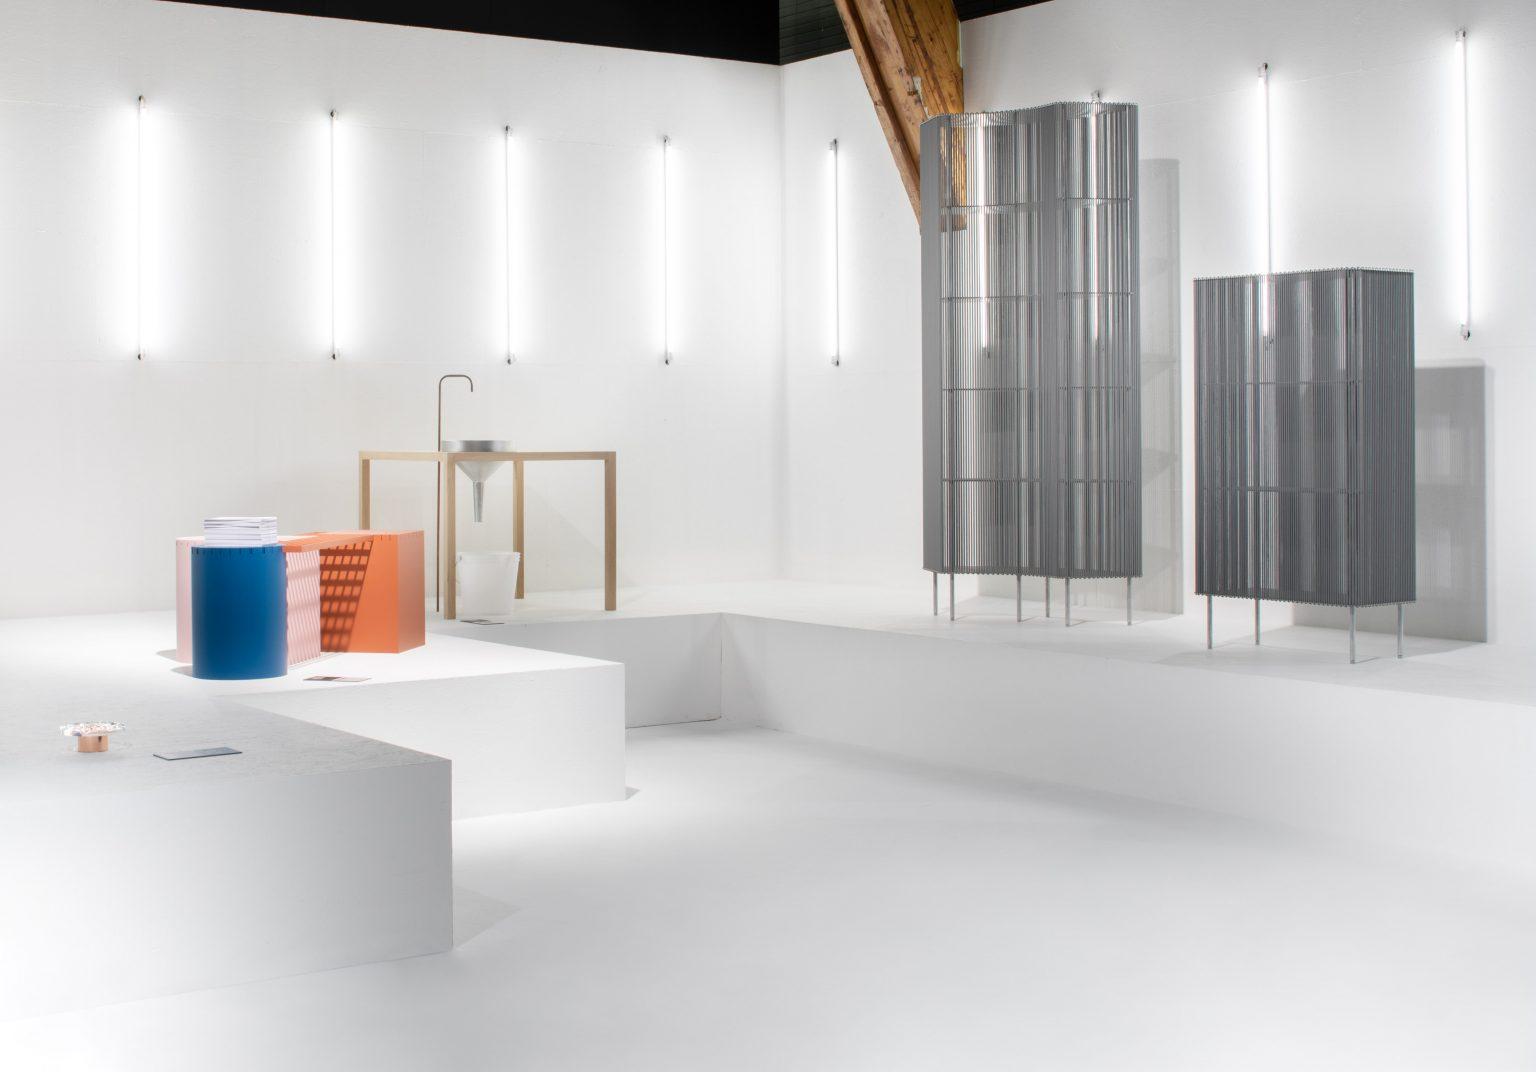 Biennale Interieur - Belgium's leading  - INTERIEUR AWARDS 2018 exhibition